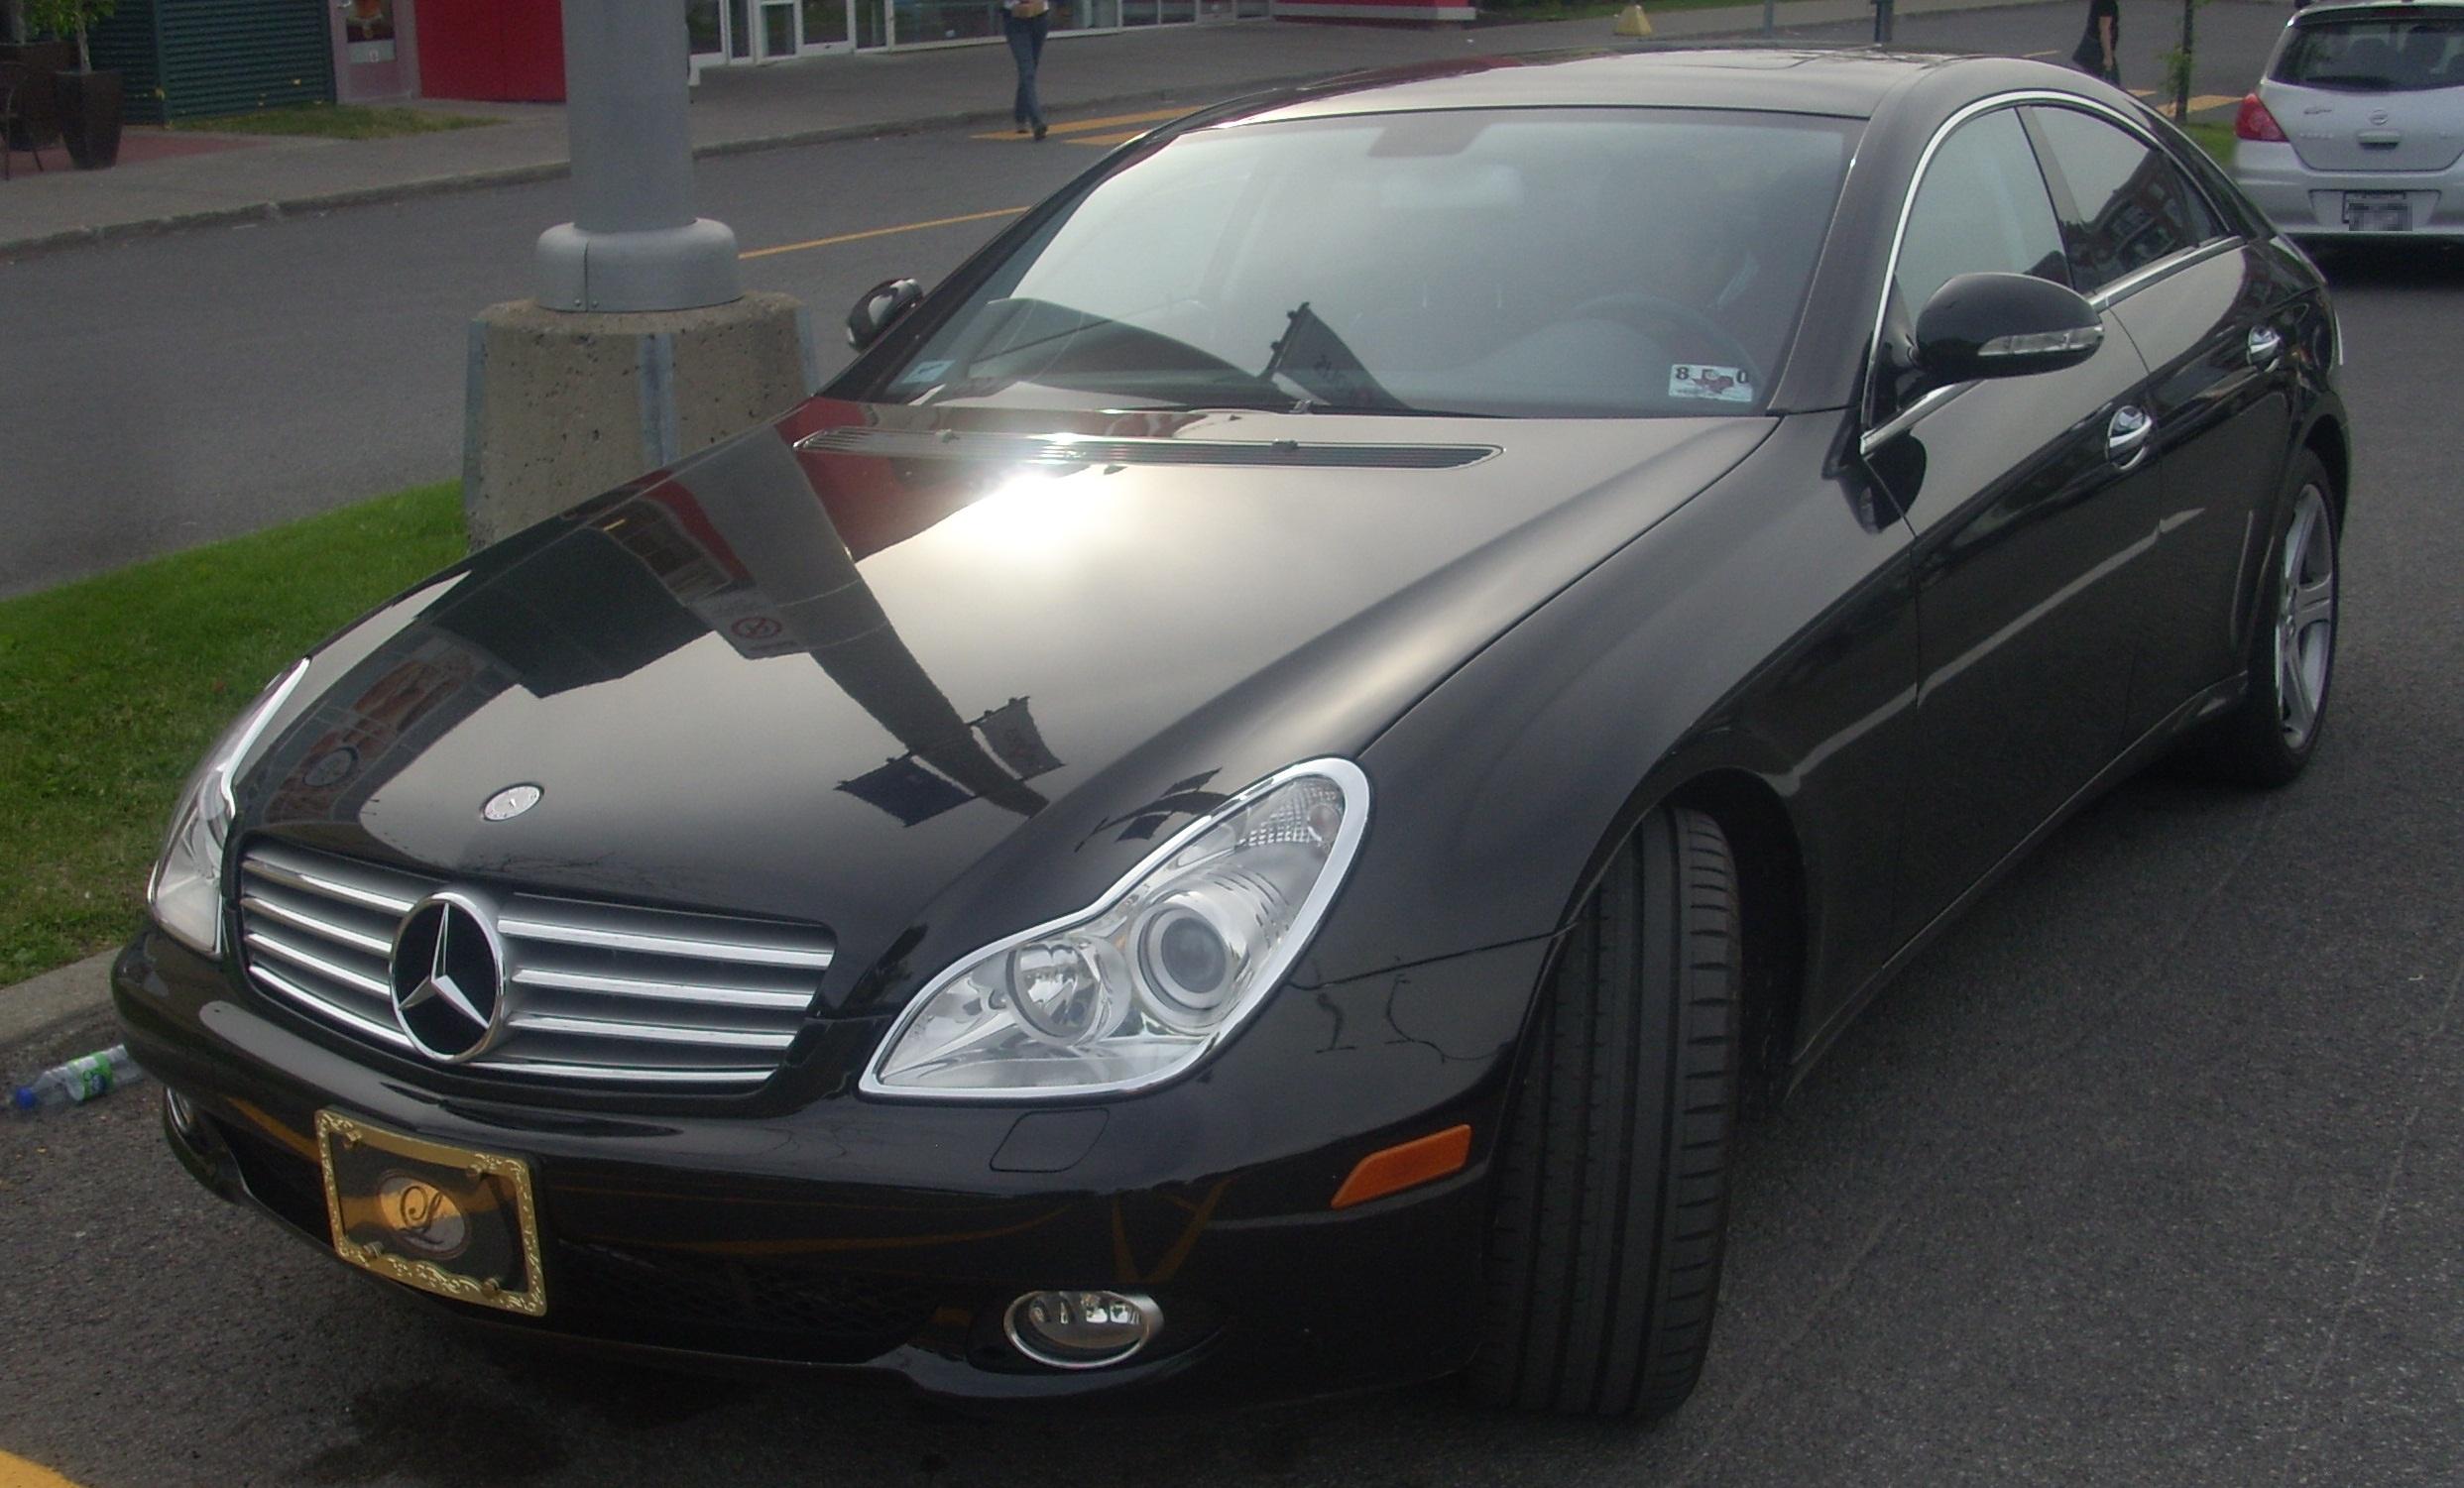 Filetuned 06 08 Mercedes Benz Cls500 Centropolis Laval 10 Cls 500 2006